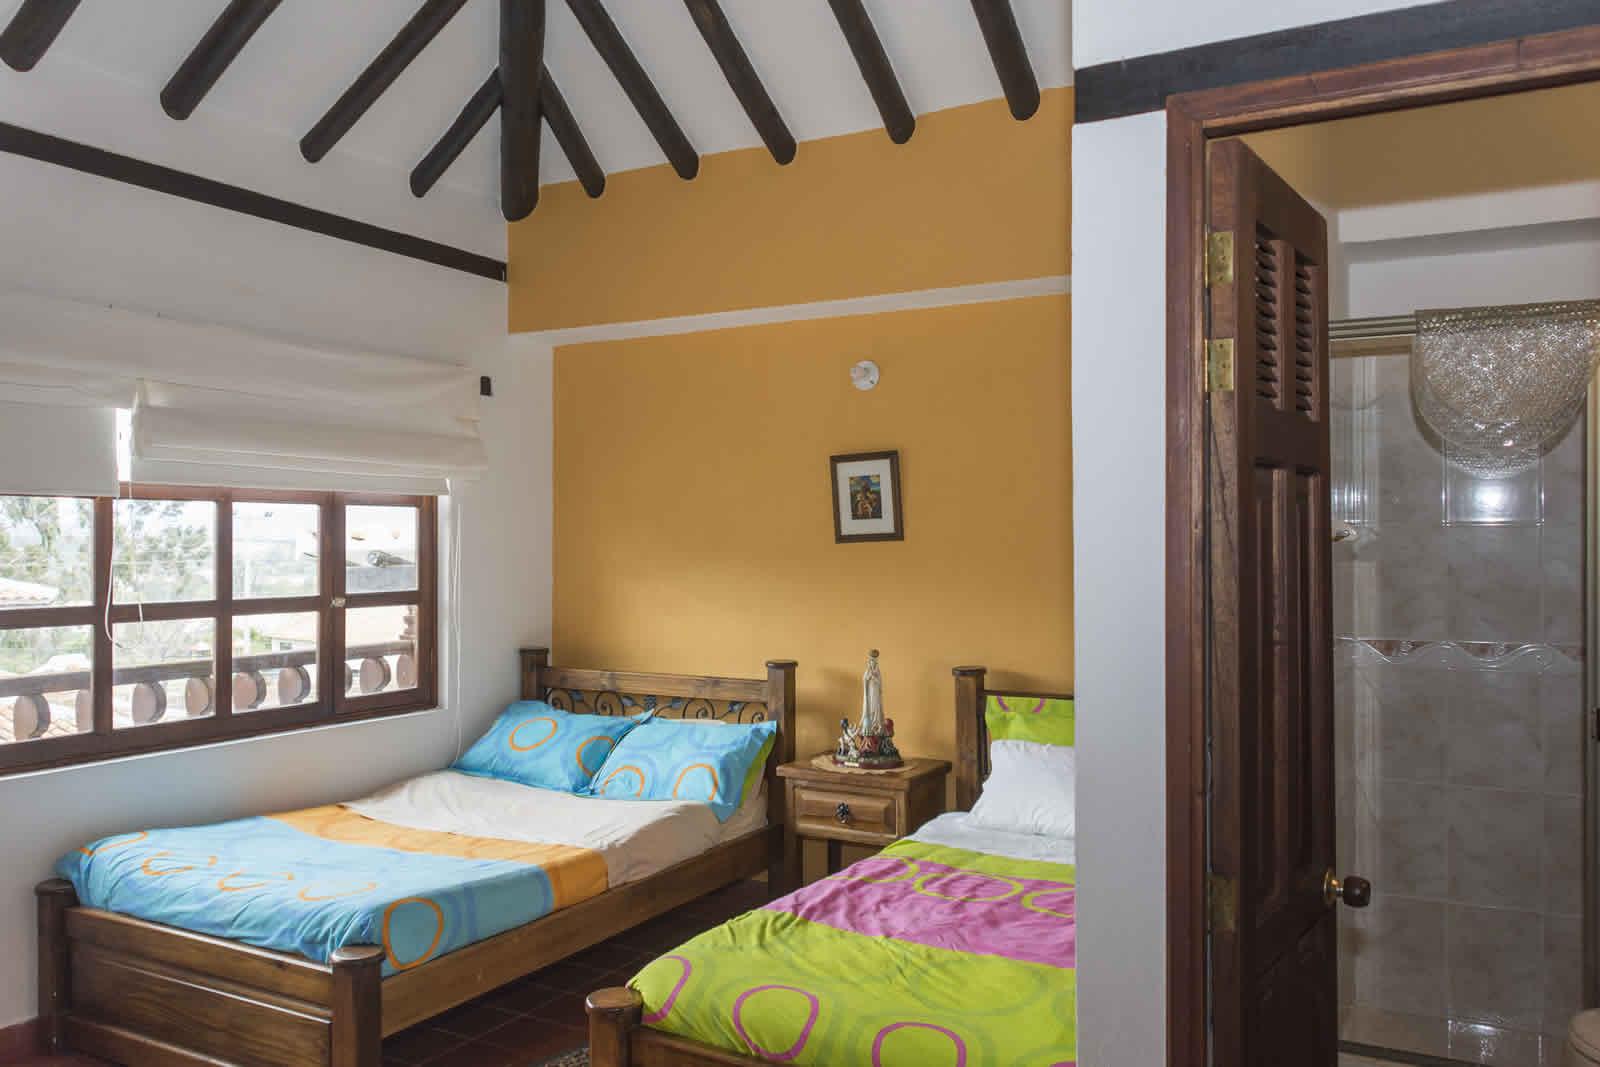 Habitación 2 de la casa rosa en Villa de Leyva